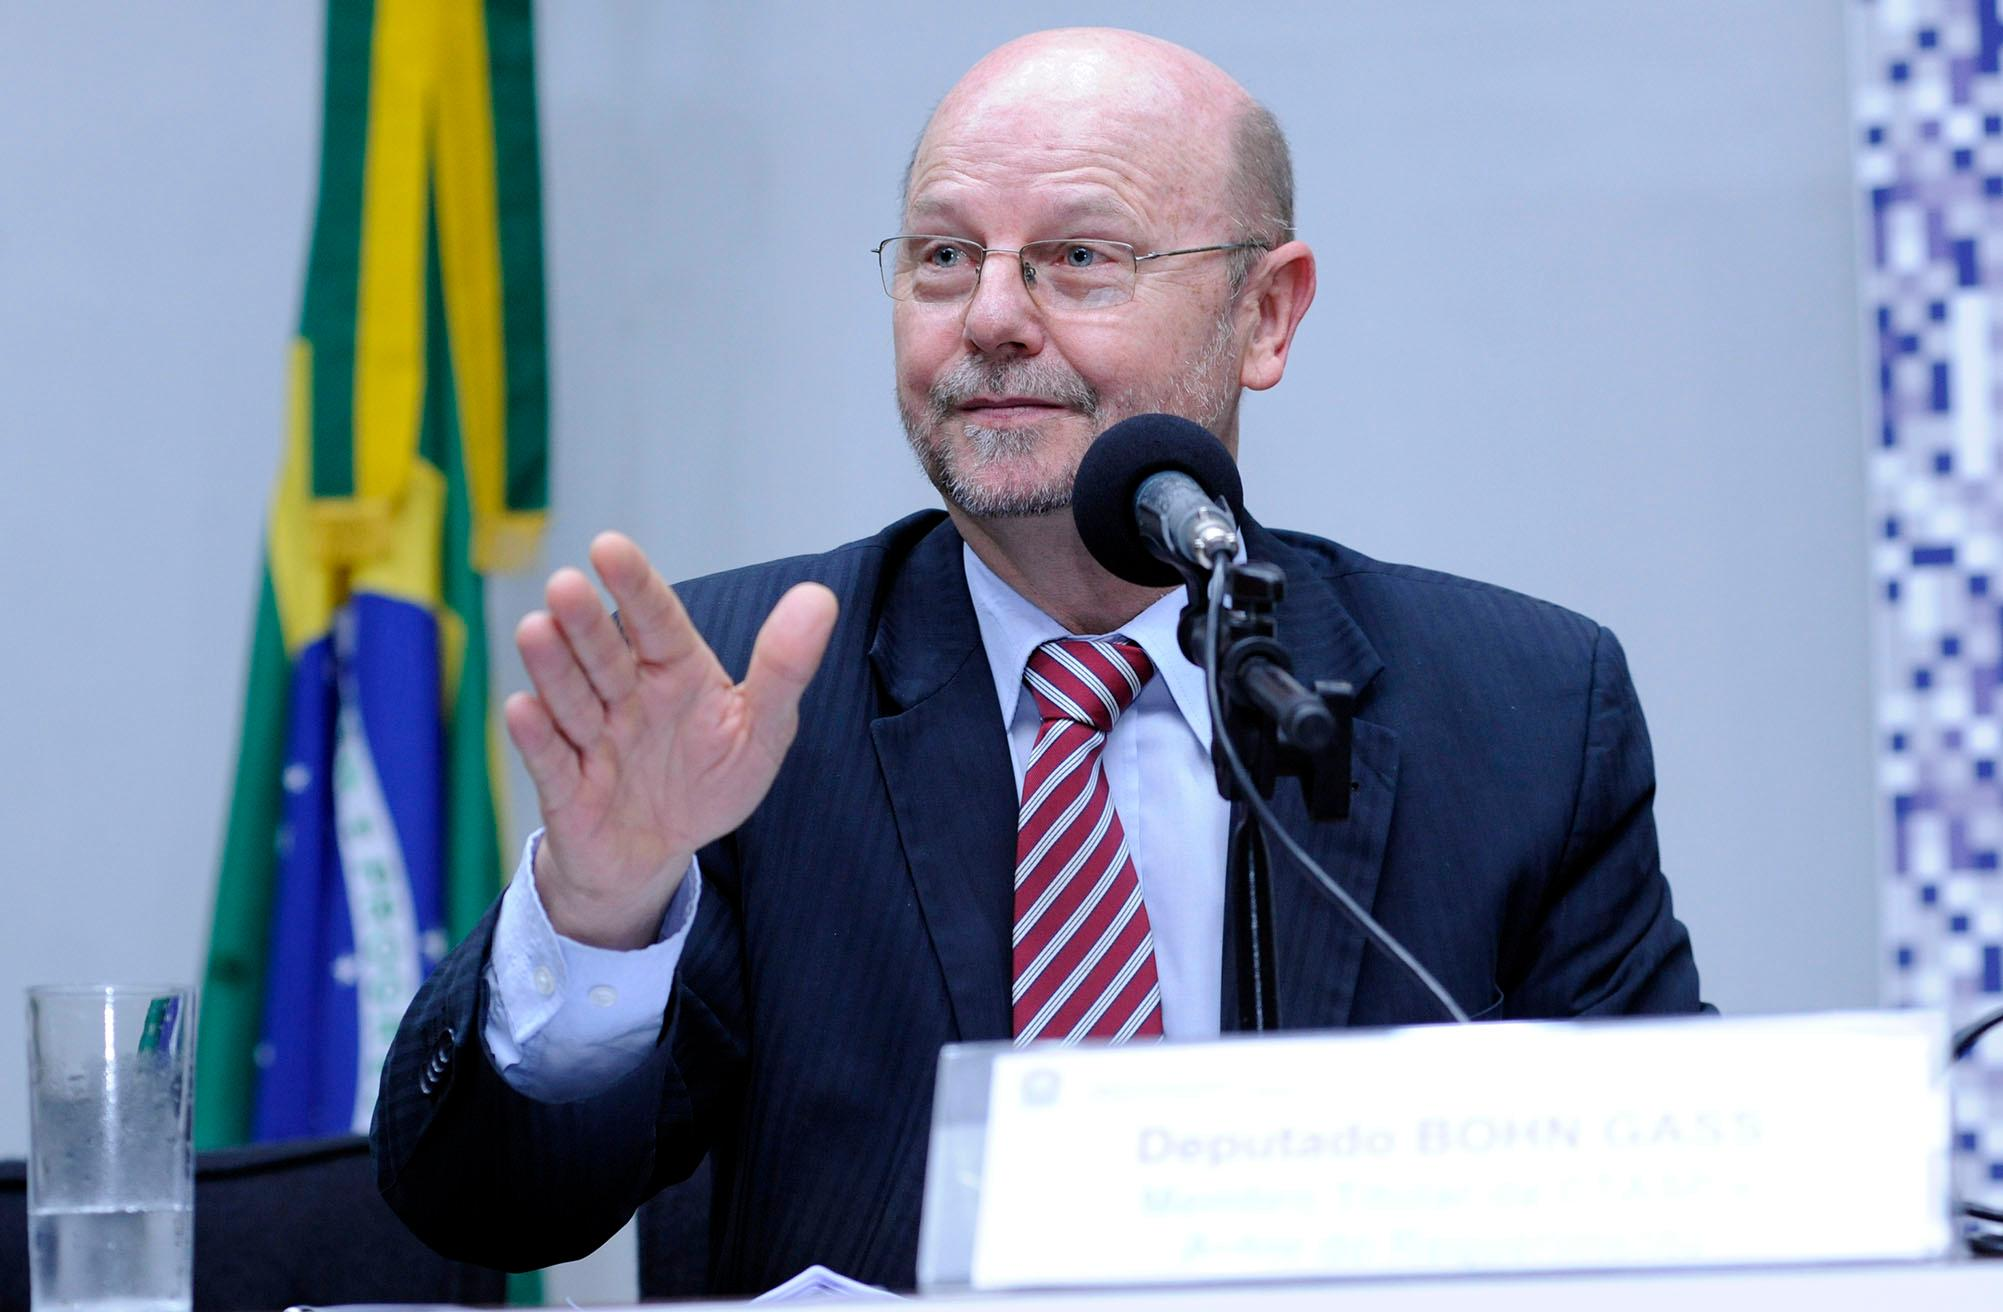 Seminário: impactos da aplicação da nova legislação trabalhista no Brasil. Dep. Bohn Gass (PT - RS)